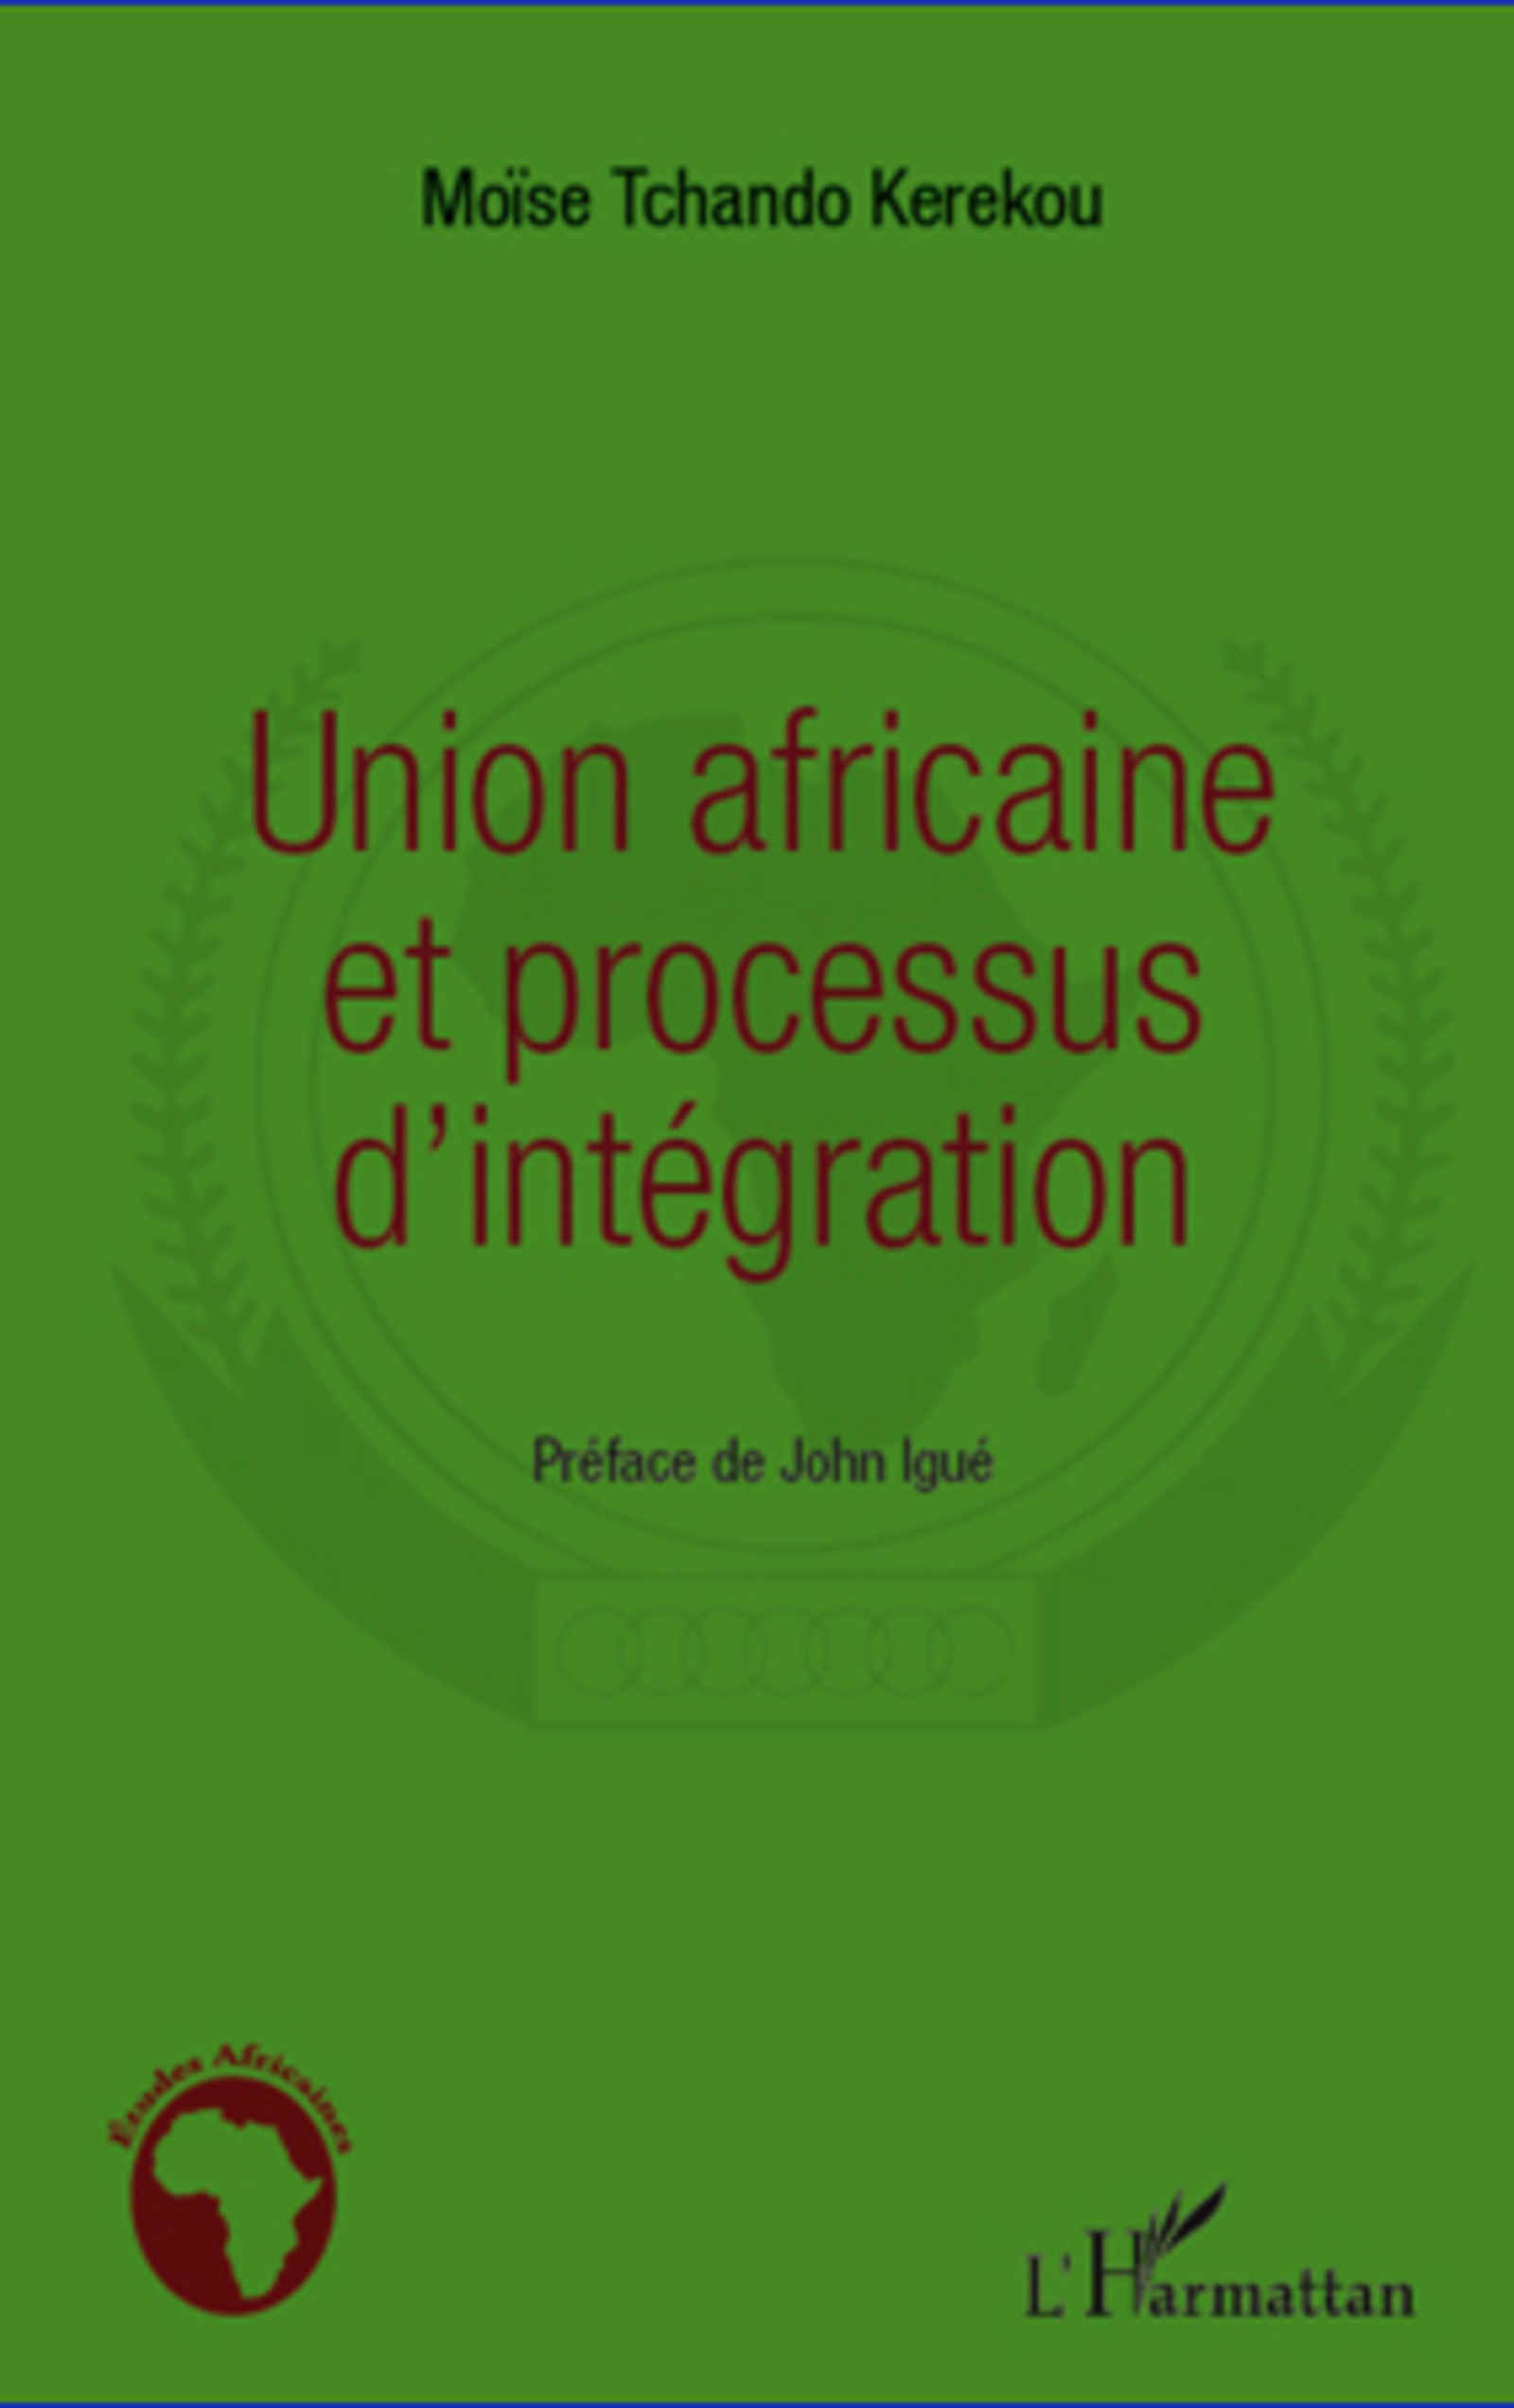 Union africaine et processus d'intégration